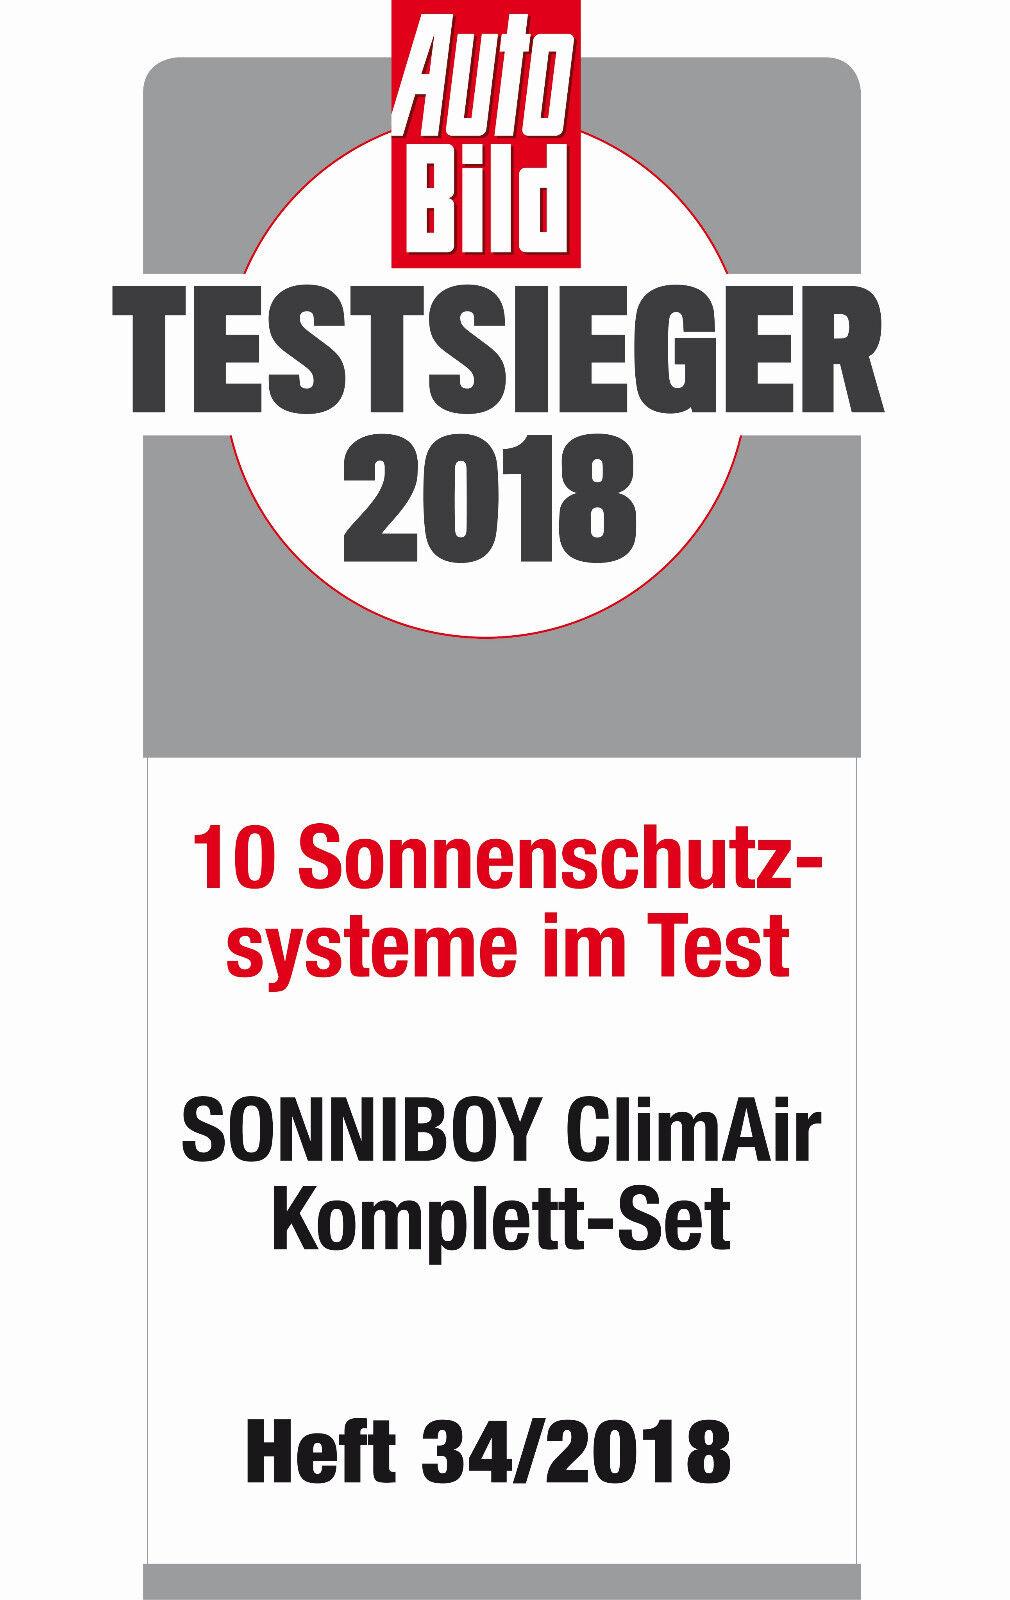 ClimAir Sonniboy Sonnenschutz SMART FORFOUR TYP W453 5-DOOR Scheibennetze 2014